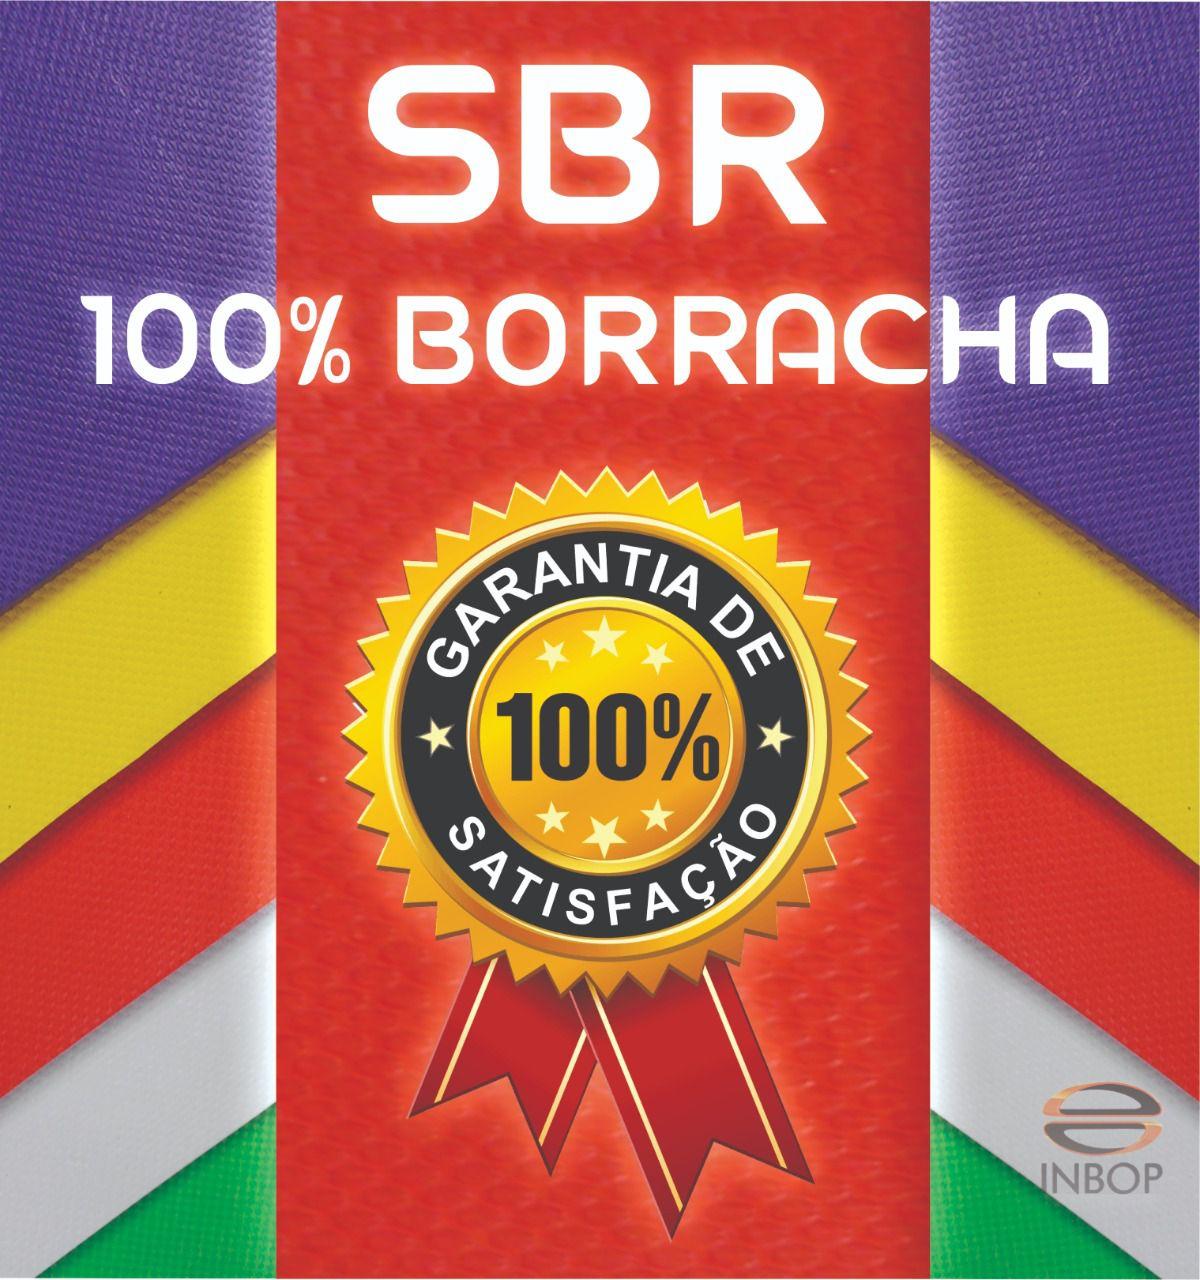 Fardo com 7 Placas 100% Borracha SBR Flat 1,20m x 0,80m x 10~11mm - Unidade  - INBOP - Indústria de Borrachas e Polímeros